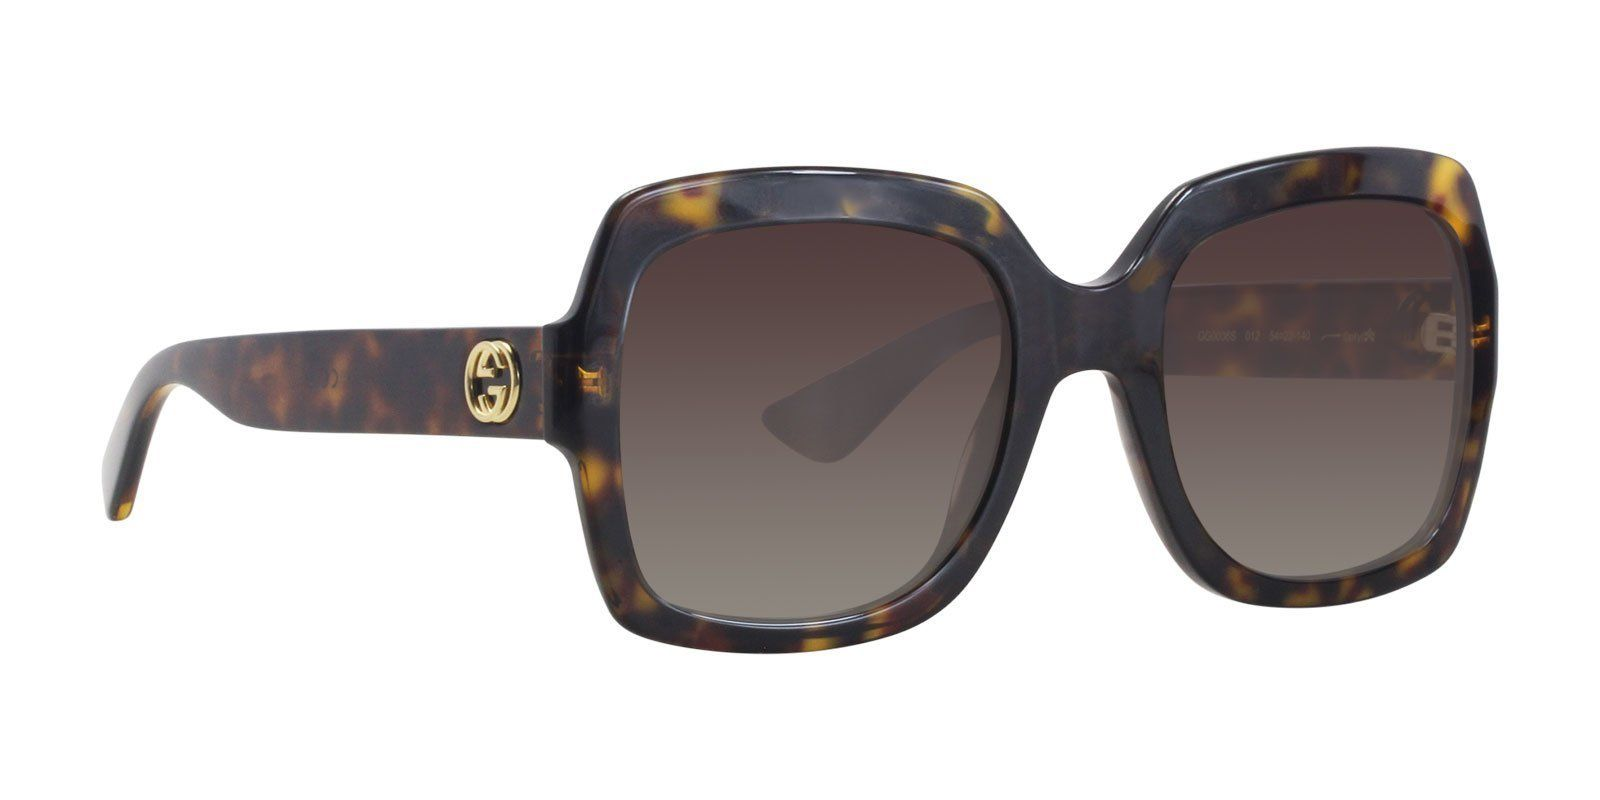 15b6c228330 Gucci - GG0036S 012 sunglasses